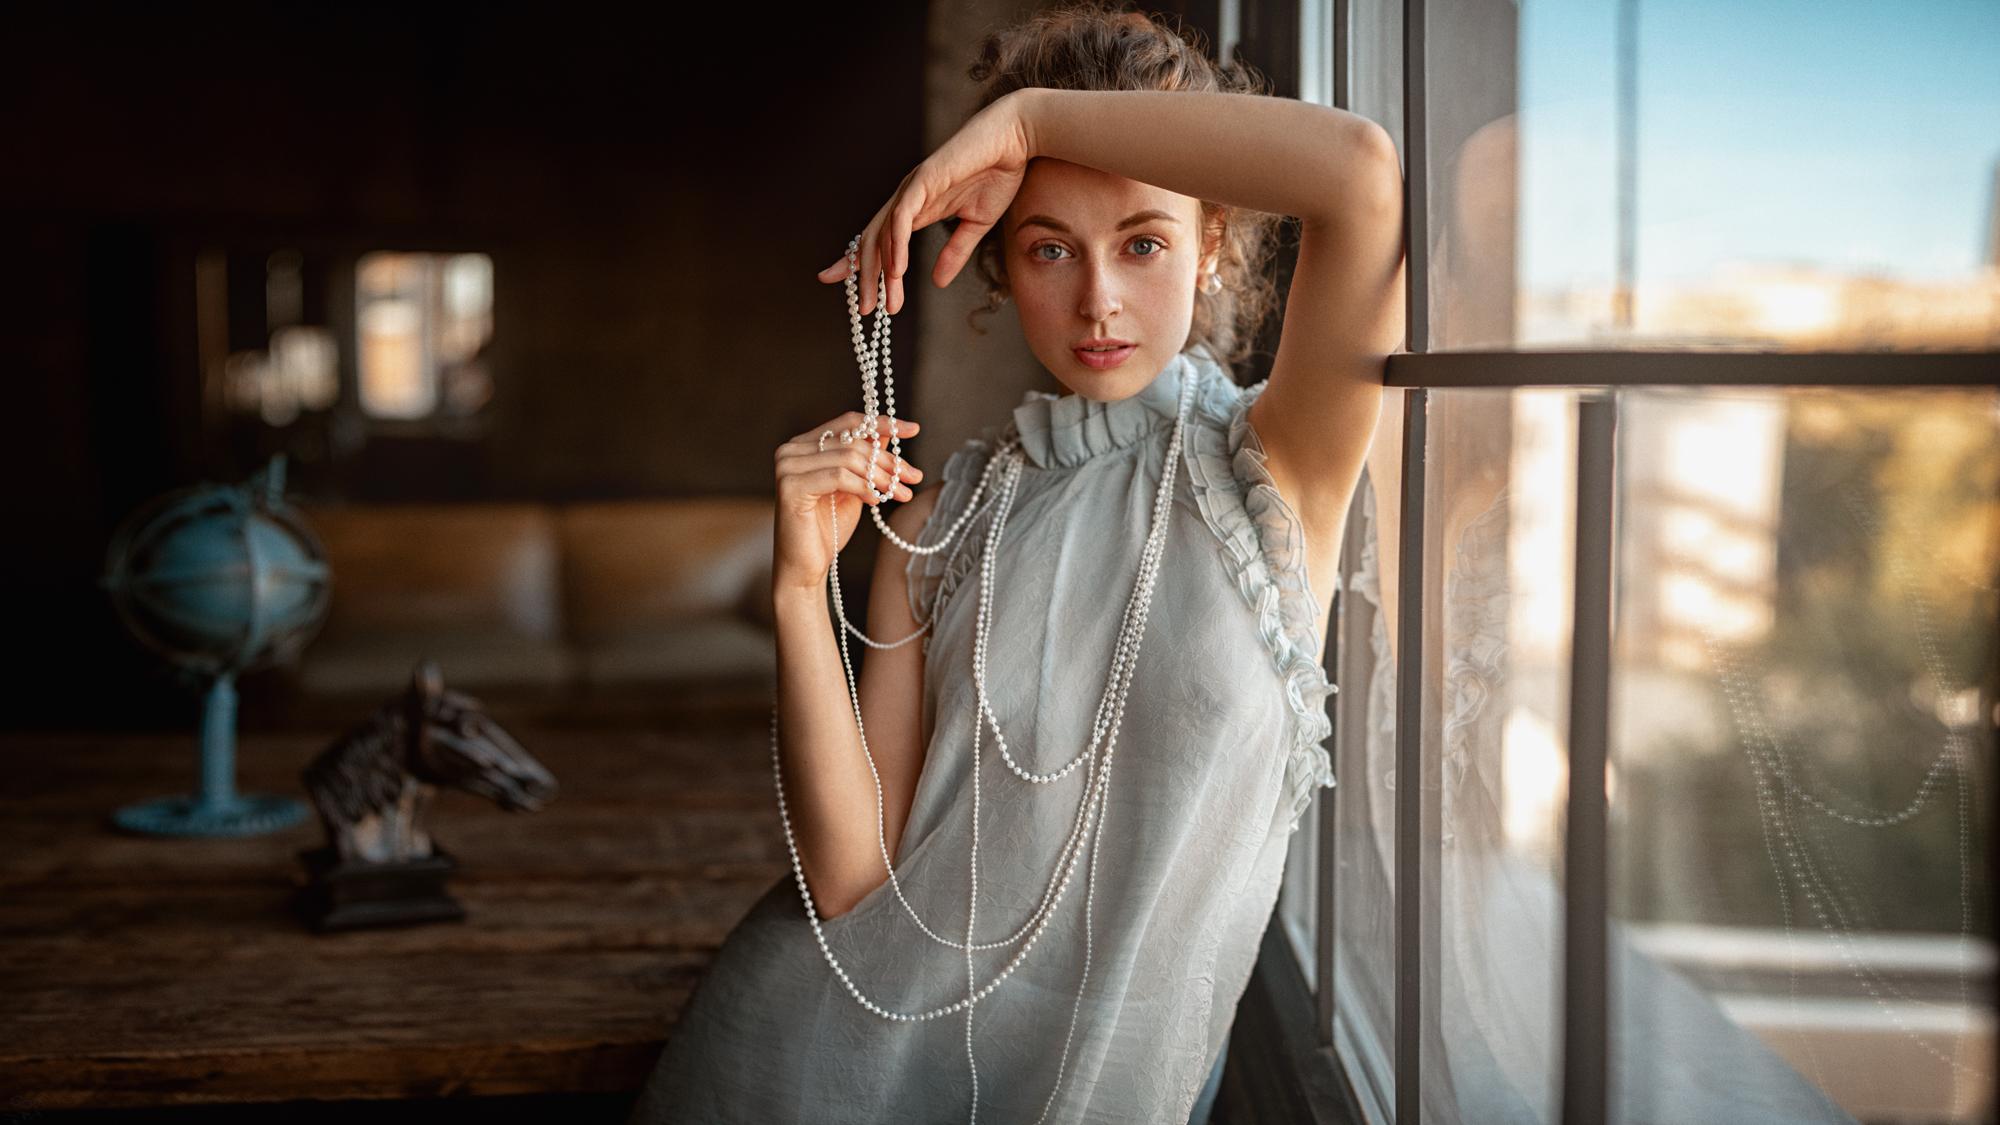 Настя Полухина в шляпе и бусиках / Фотограф Георгий Чернядьев